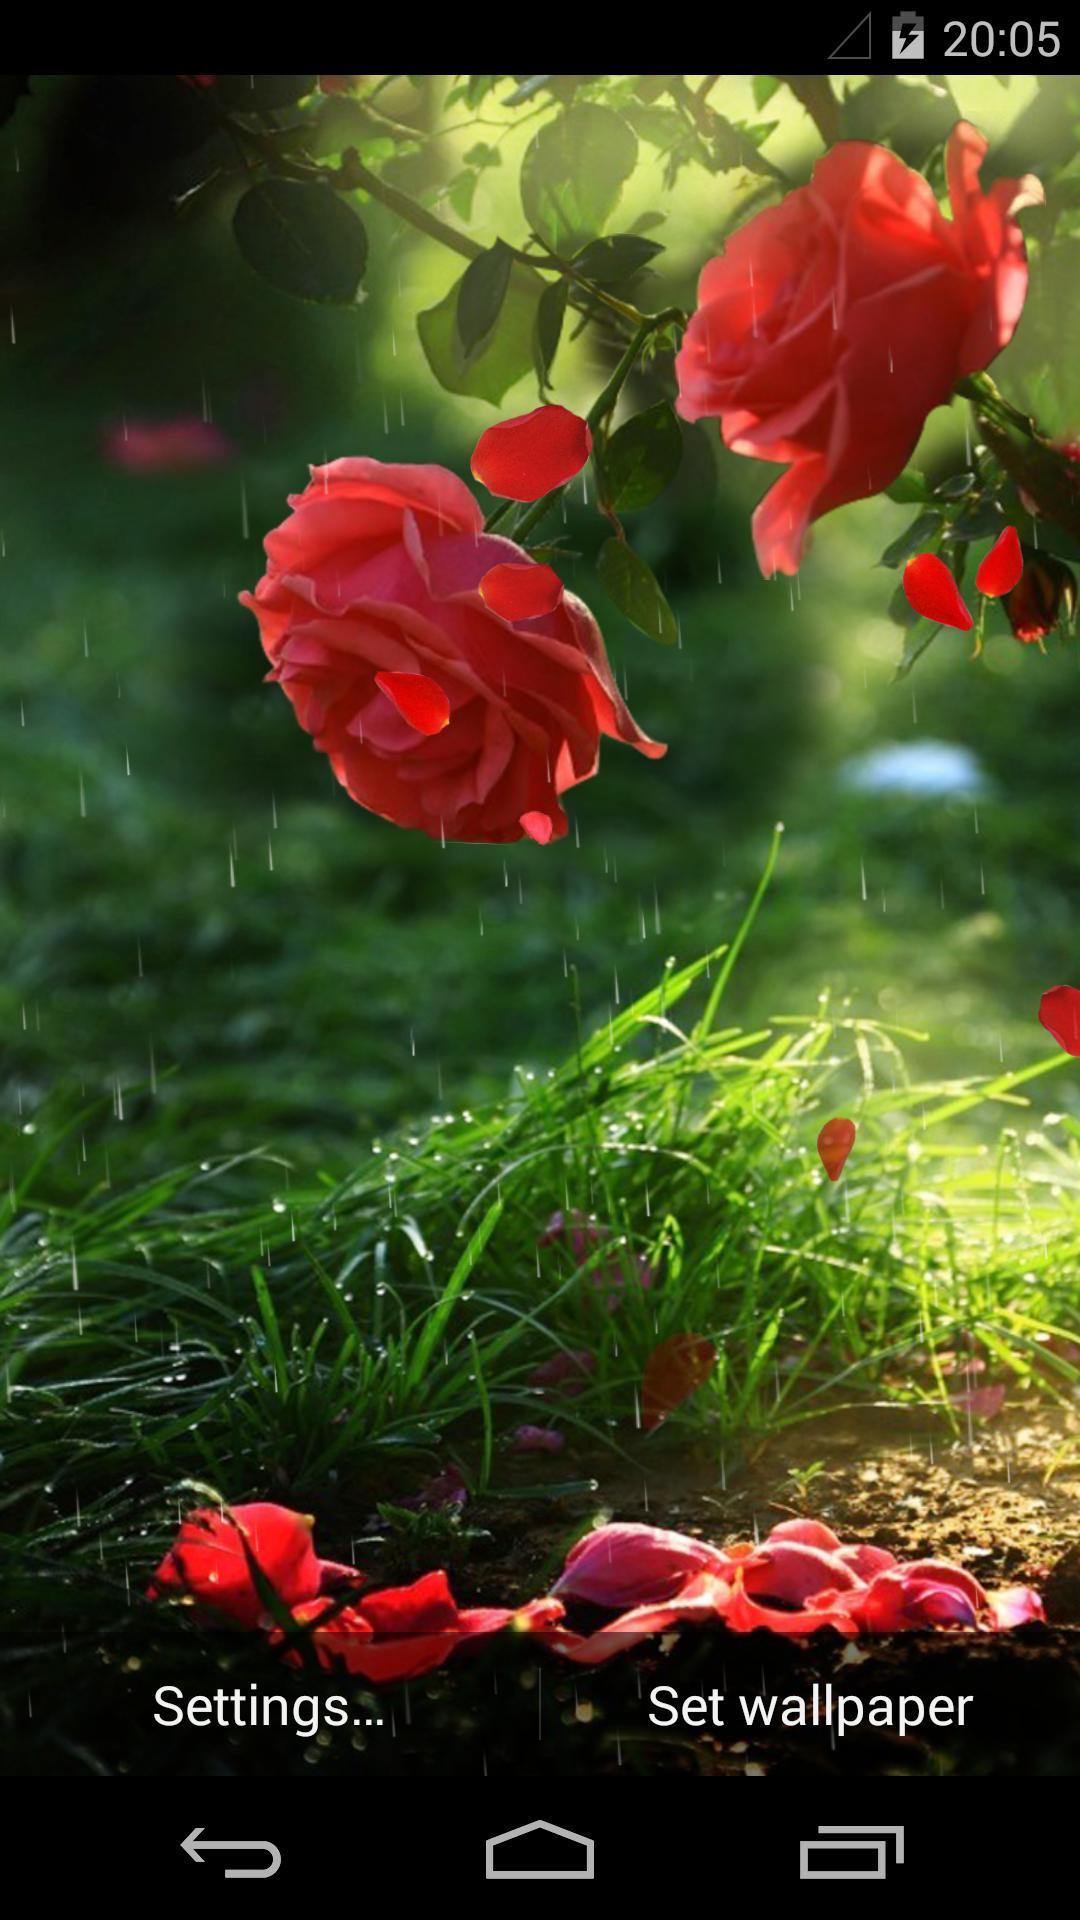 雨中玫瑰-梦象动态壁纸